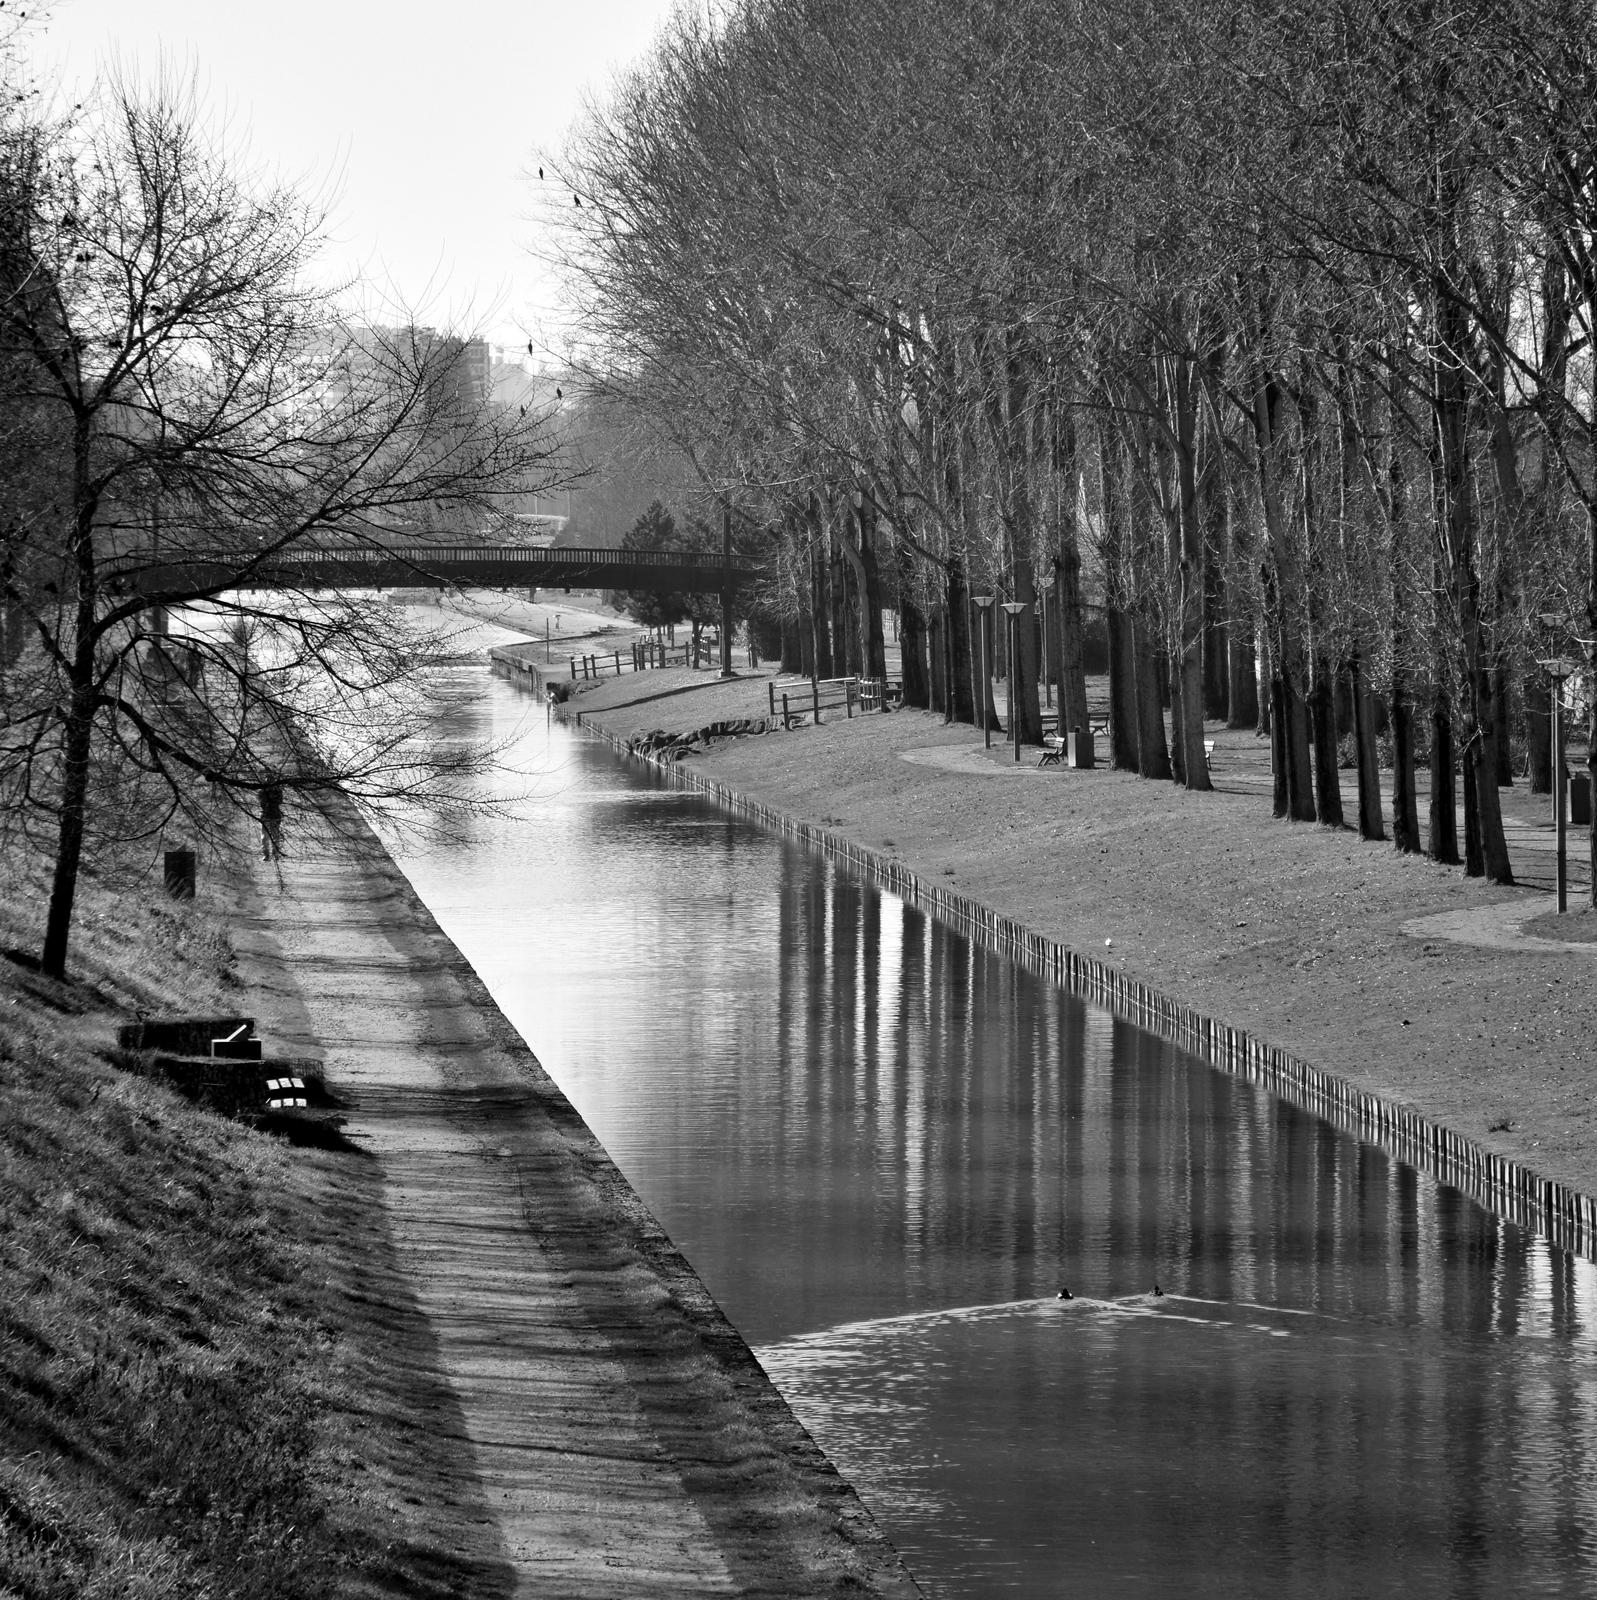 Au fil de l'eau - photo - Constant JOSSE